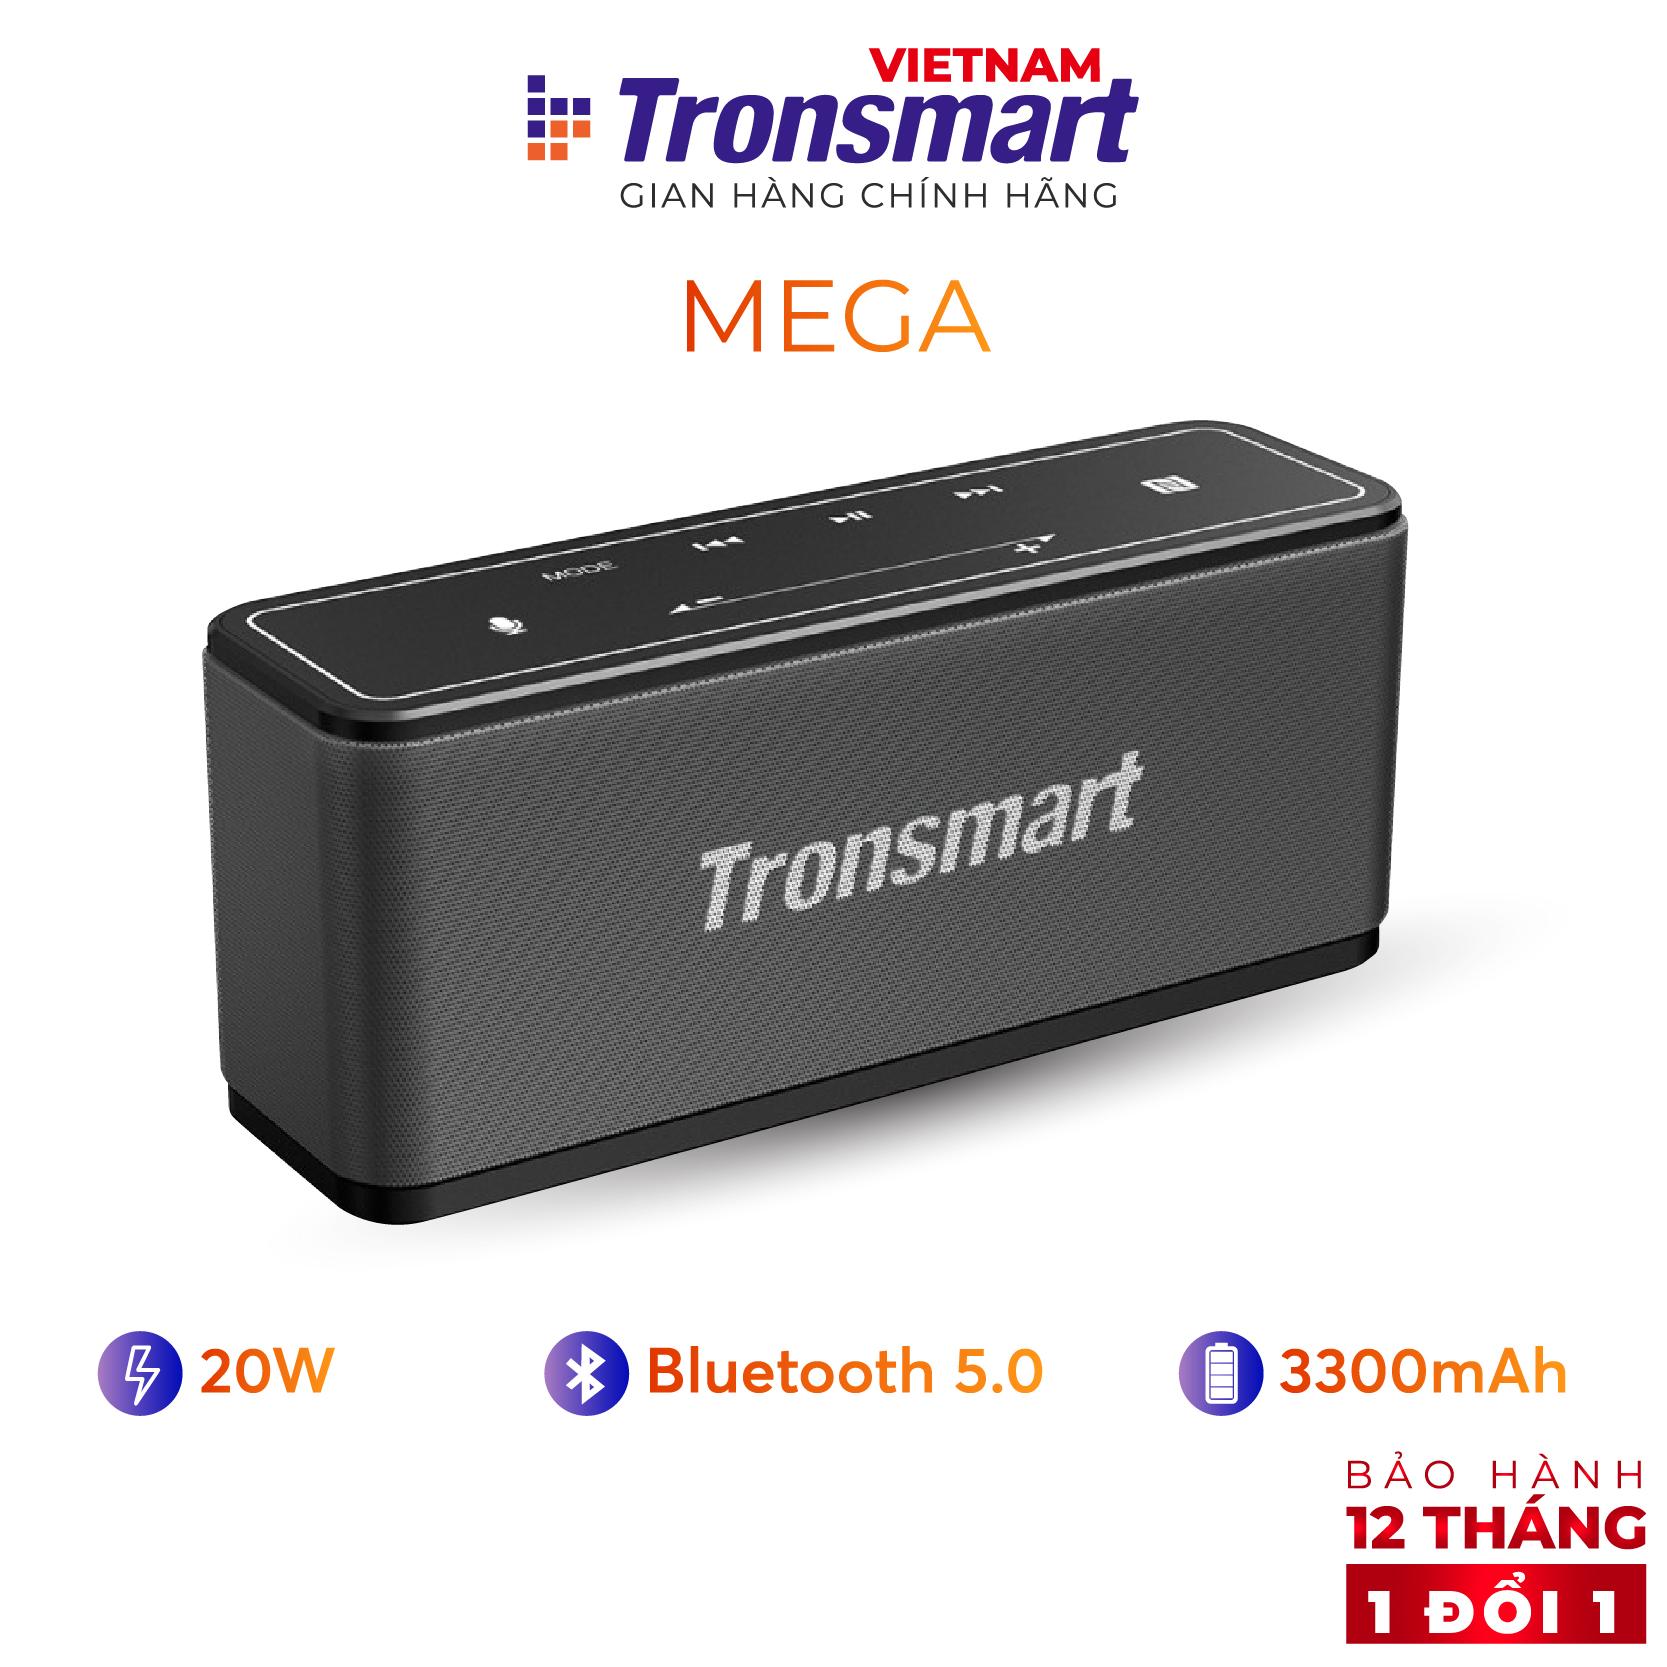 [VOUCHER 7% tối đa 500K] Loa Bluetooth 5.0 Tronsmart Element Mega Công suất 40W Hỗ trợ TWS và NFC ghép đôi 2 loa Âm thanh nổi sống động kết hợp bass mạnh và sâu Có Mic đàm thoại Thời gian nghe nhạc lên tới 24h - Bảo hành 12 tháng